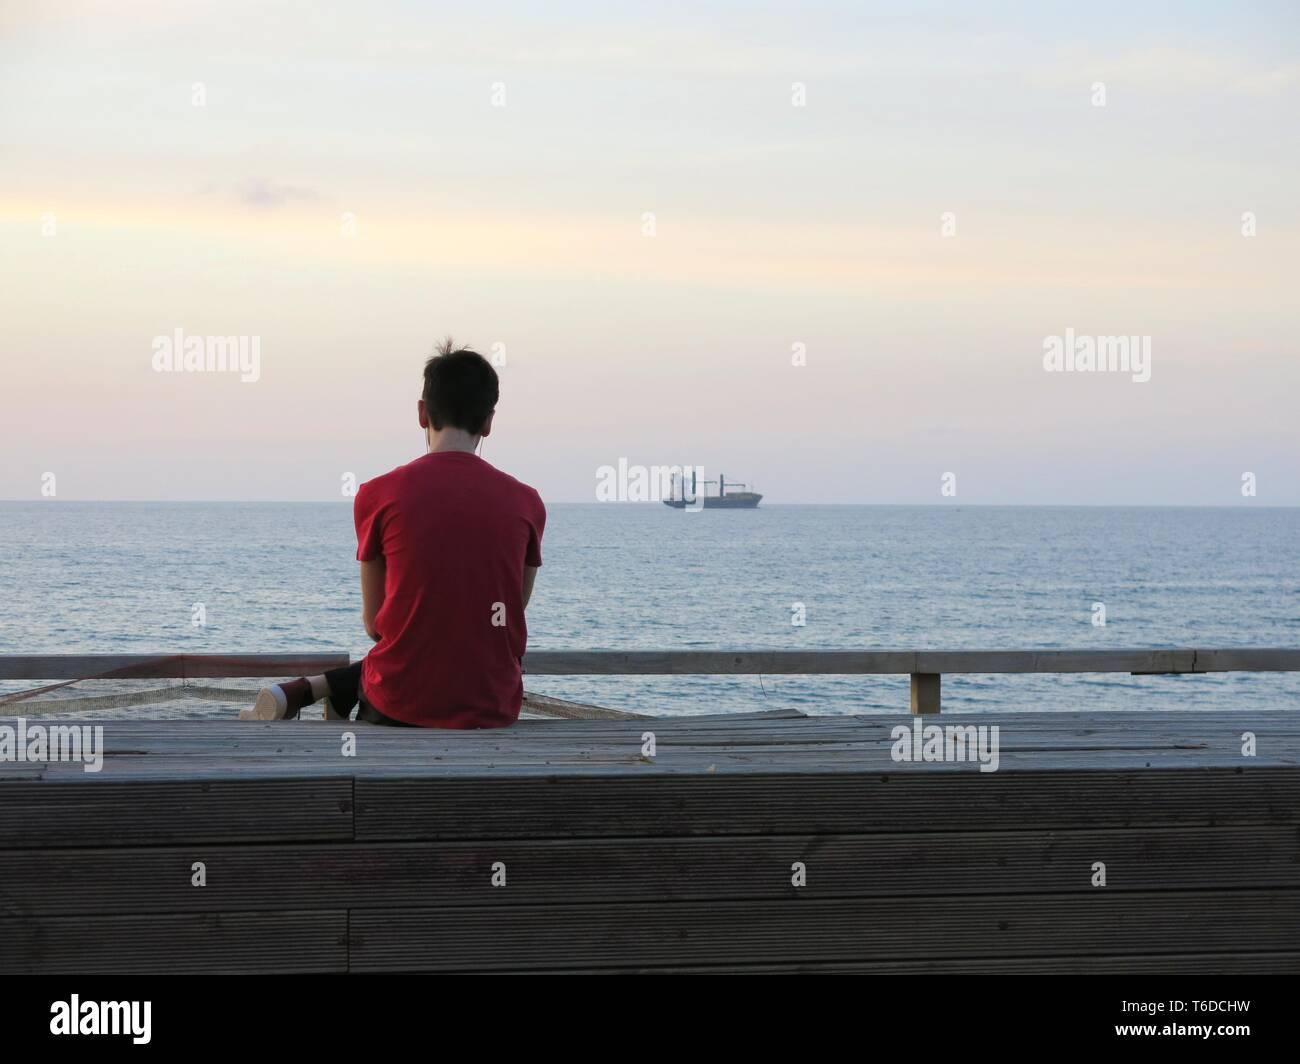 Joven sentada sola en el paseo mirando barco anclado frente a la costa, escuchando música ( concepto de soledad, relajación). Foto de stock